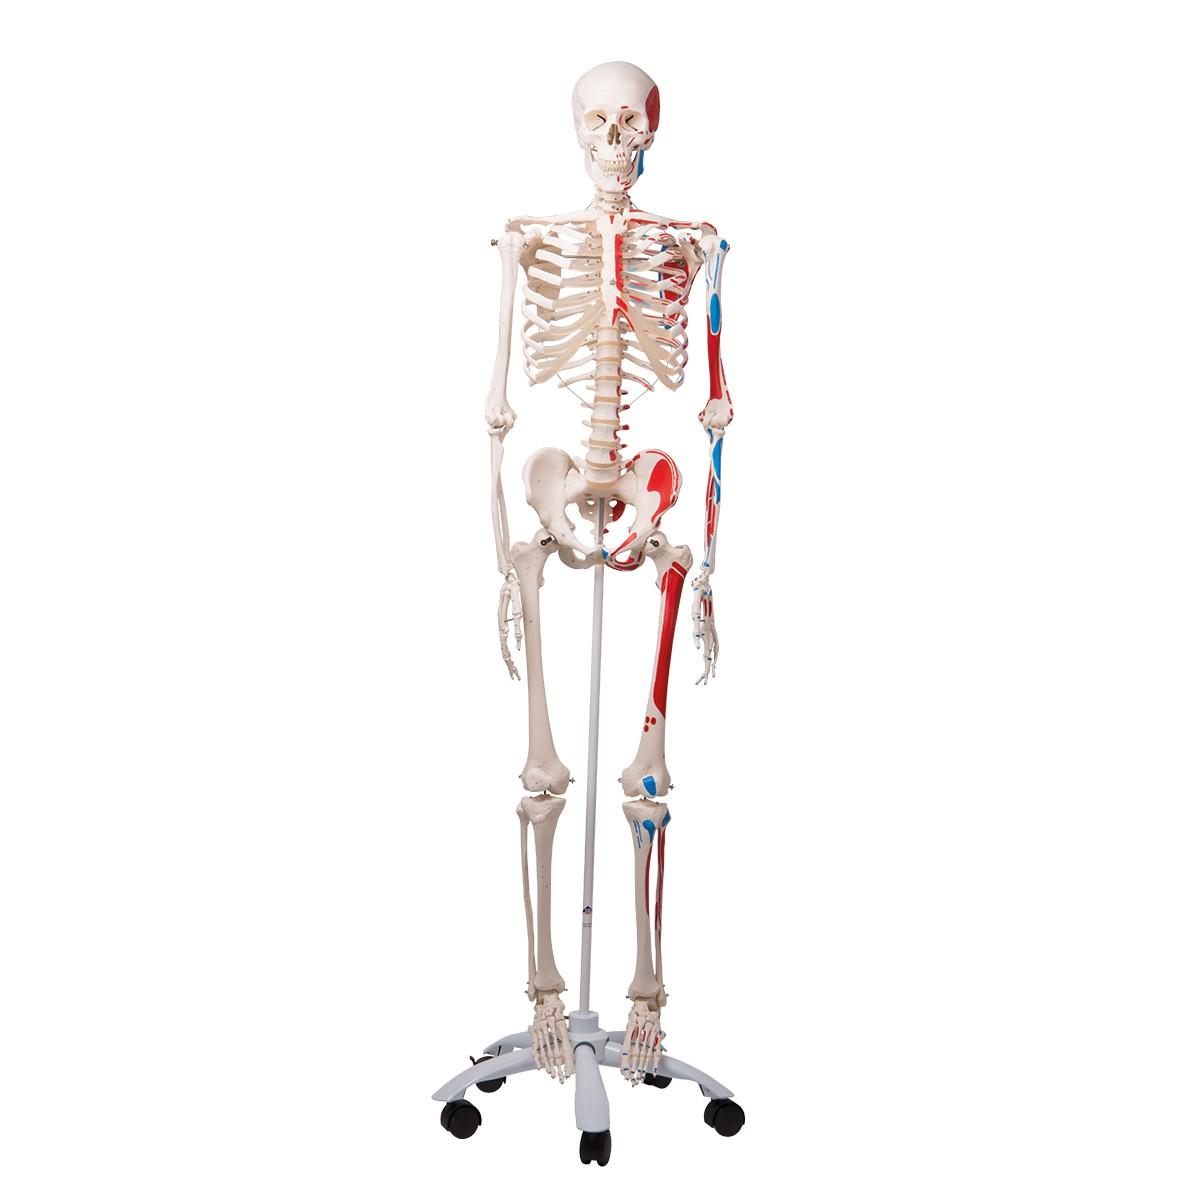 Anatomie Modell\' \'Skelett Modell\' \'Skelett lebensgroß\'